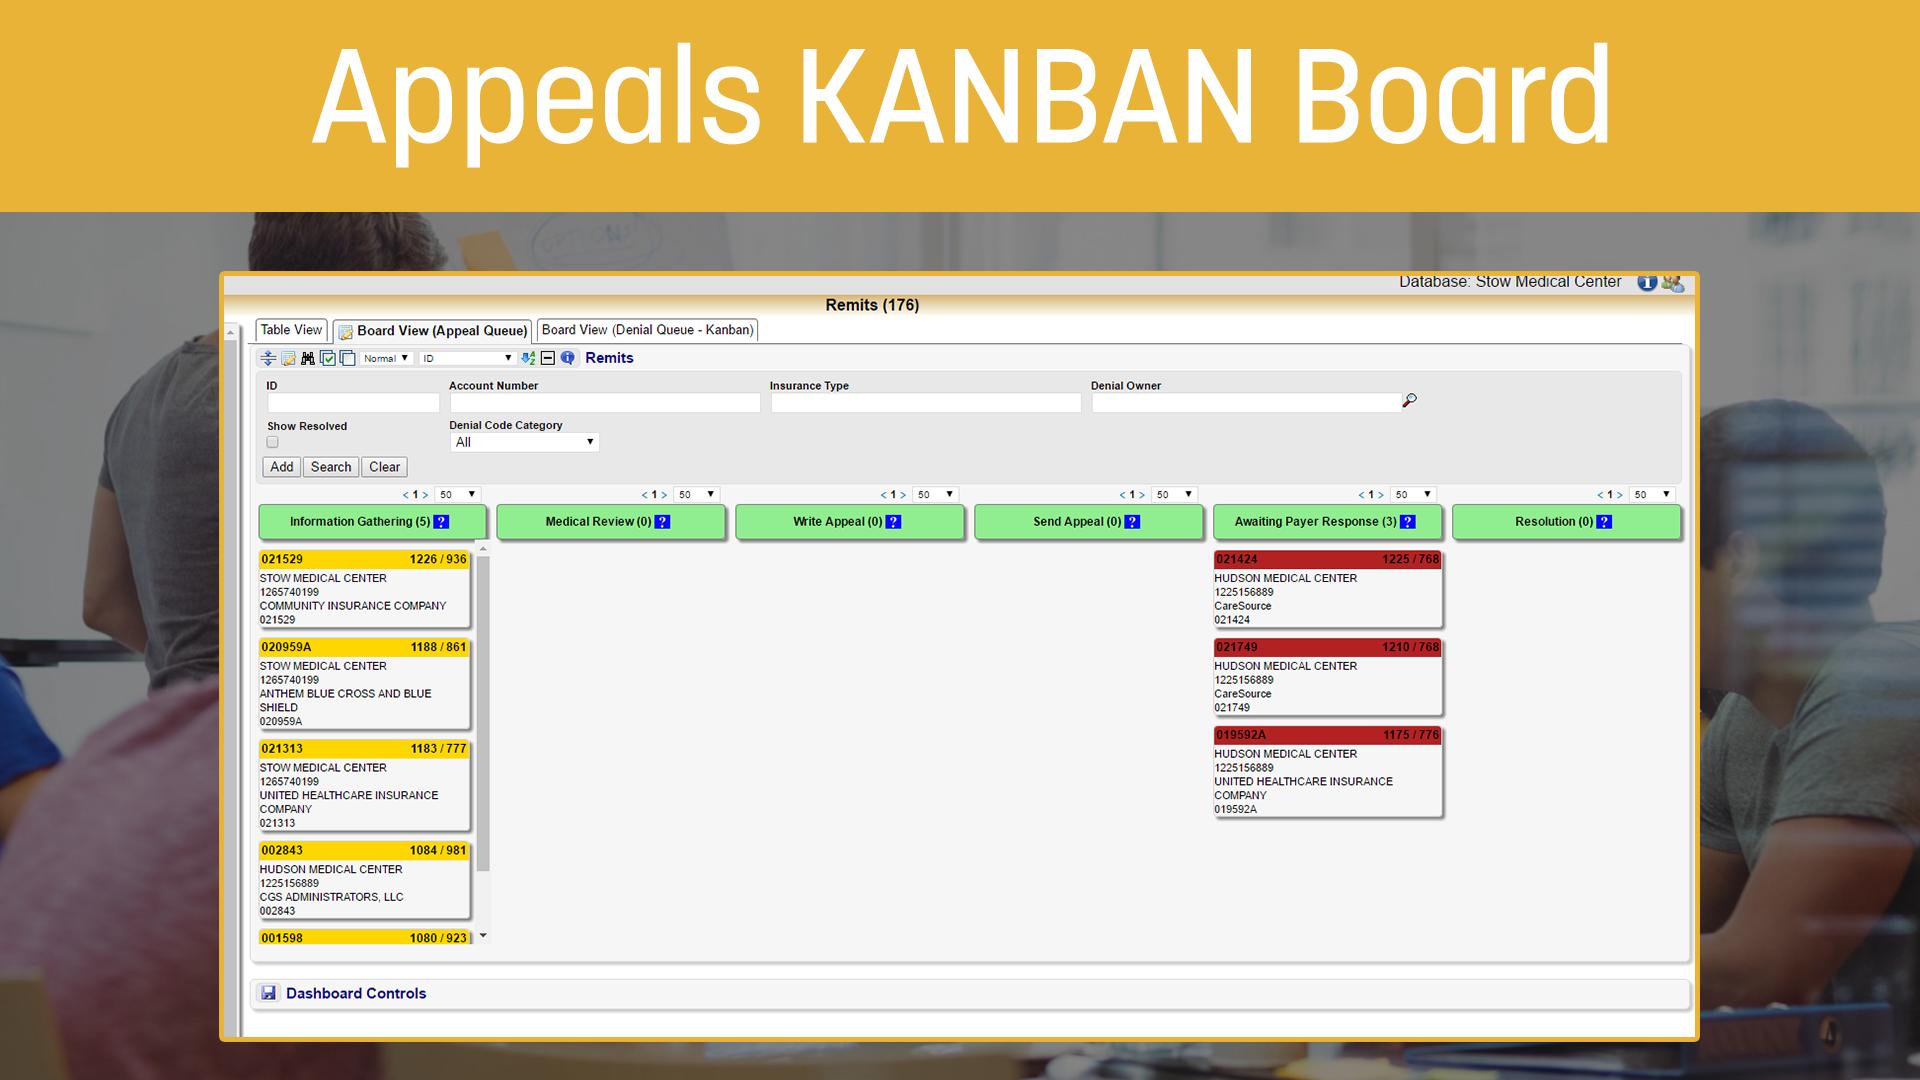 Appeals KANBAN Board